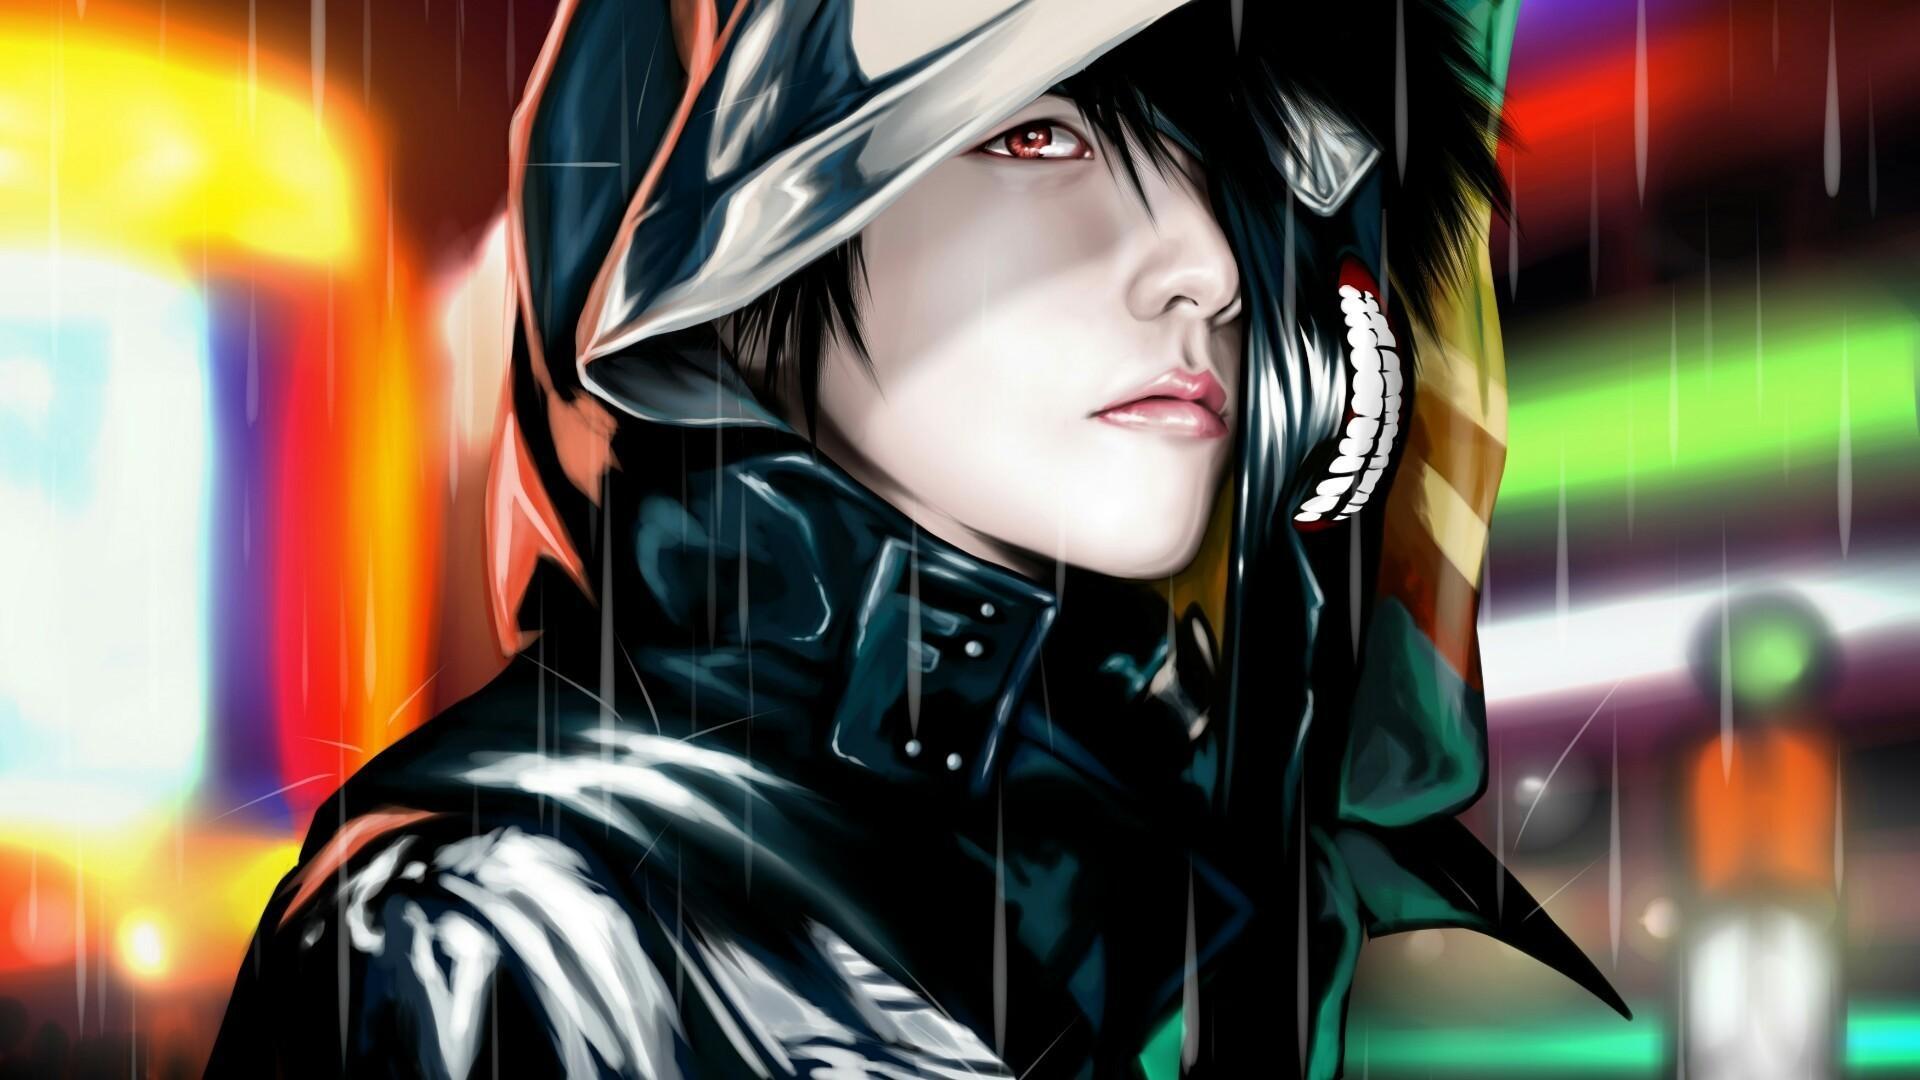 3d Live Anime Wallpaper For Pc gambar ke 17